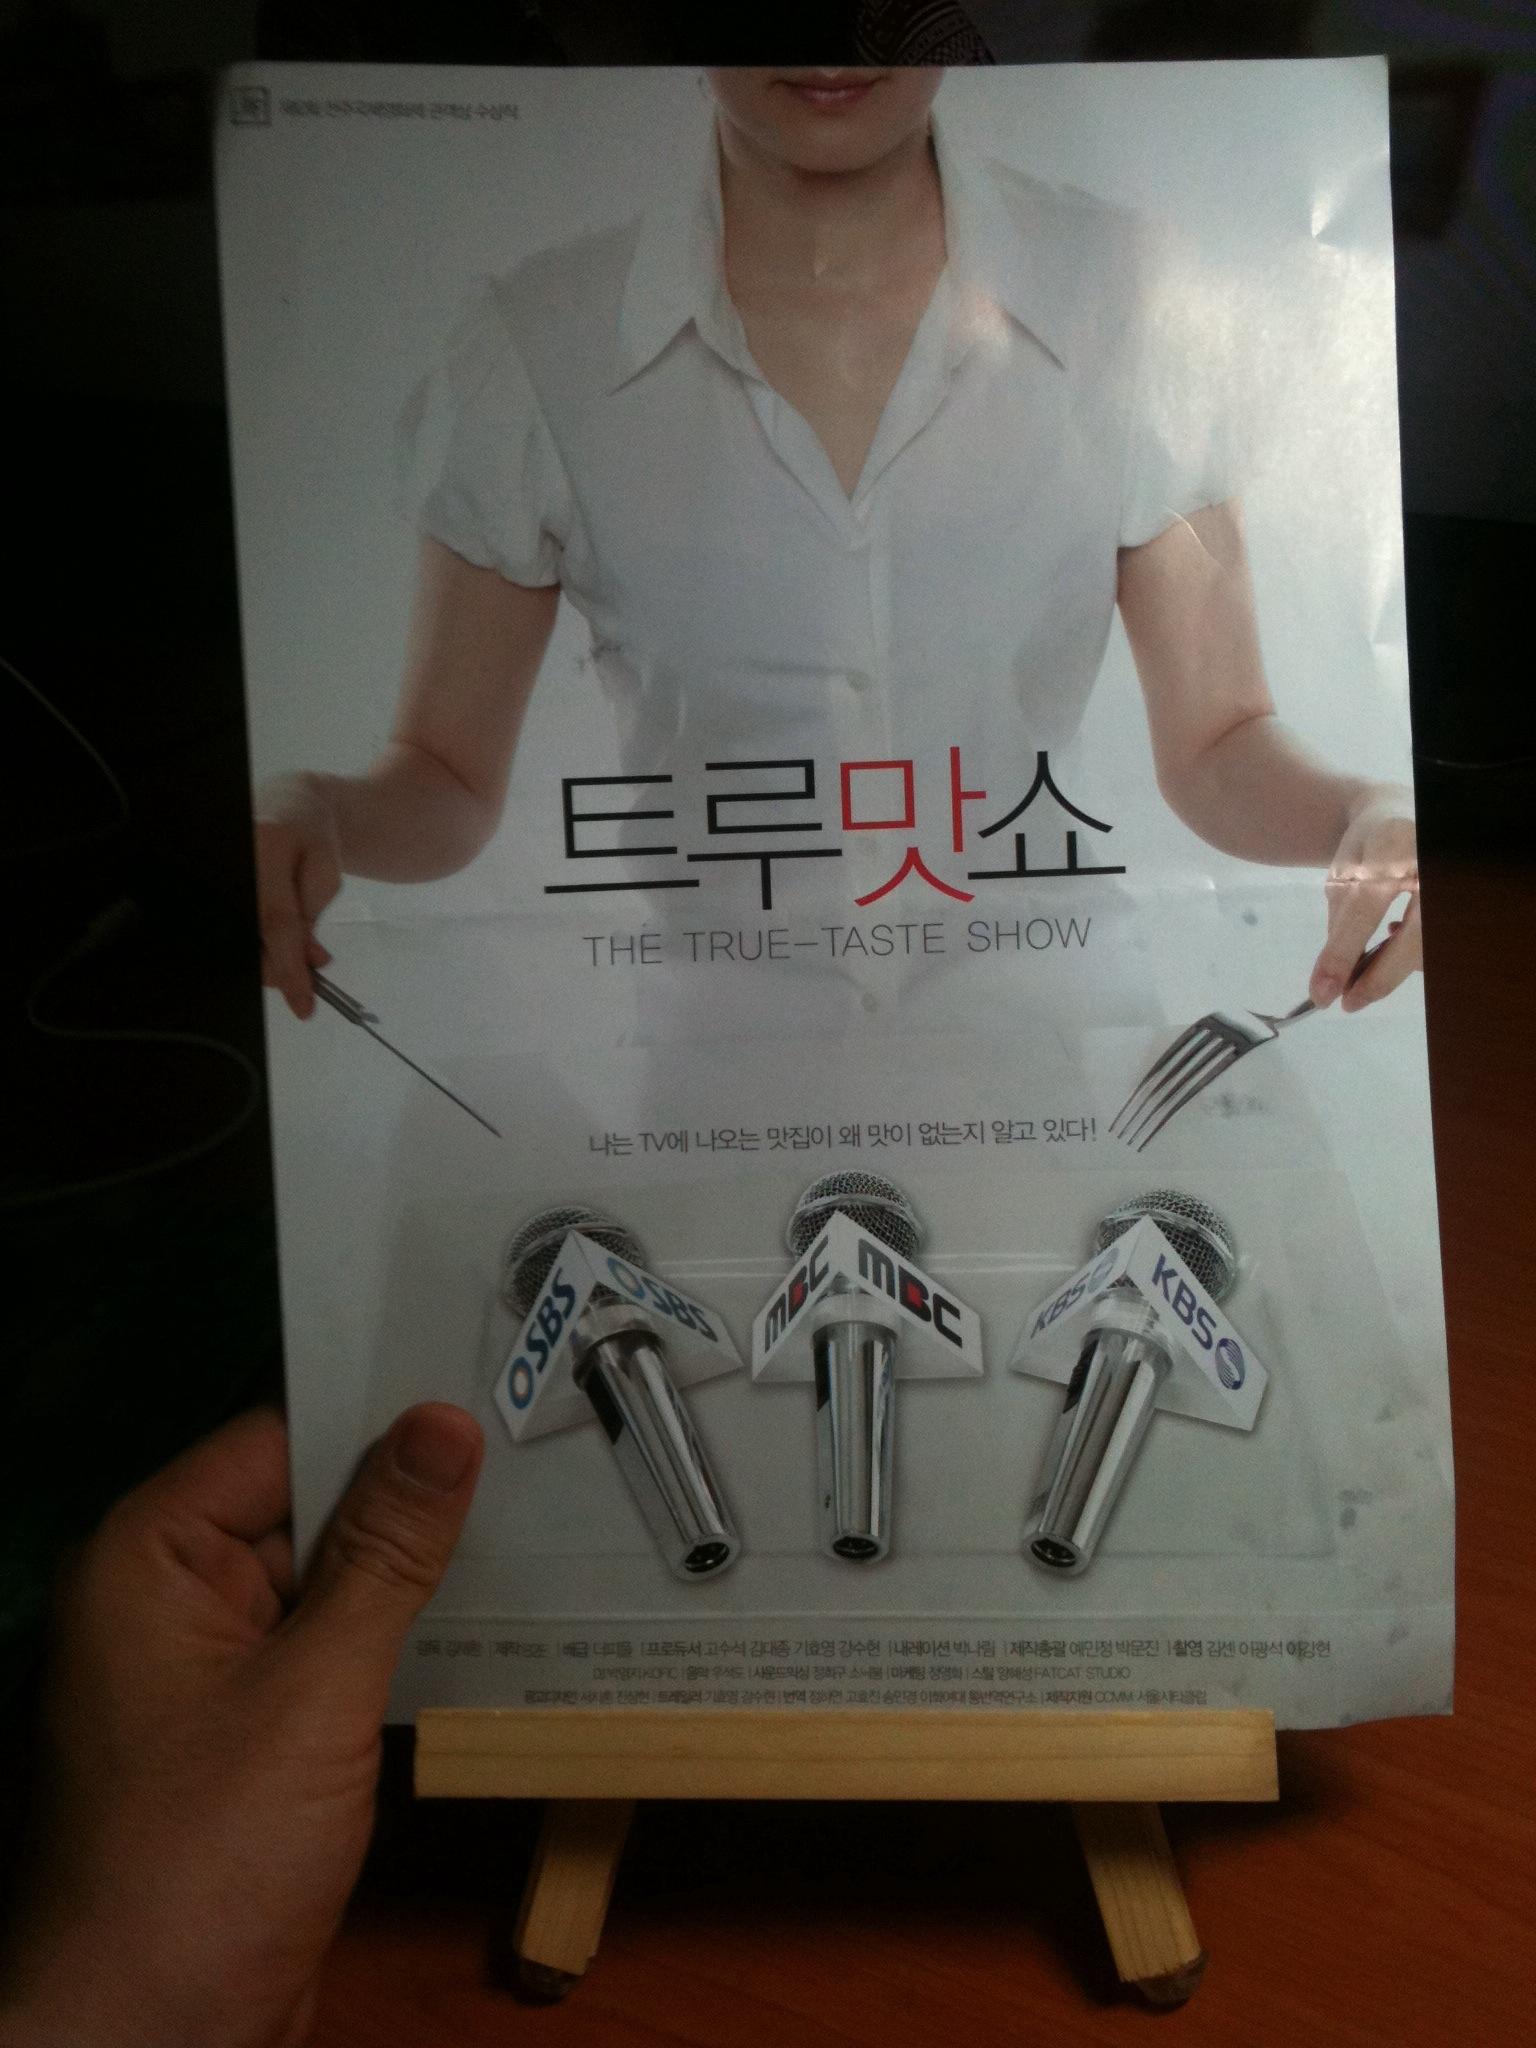 영화 '트루맛쇼' 소개 전단 @대학로CGV